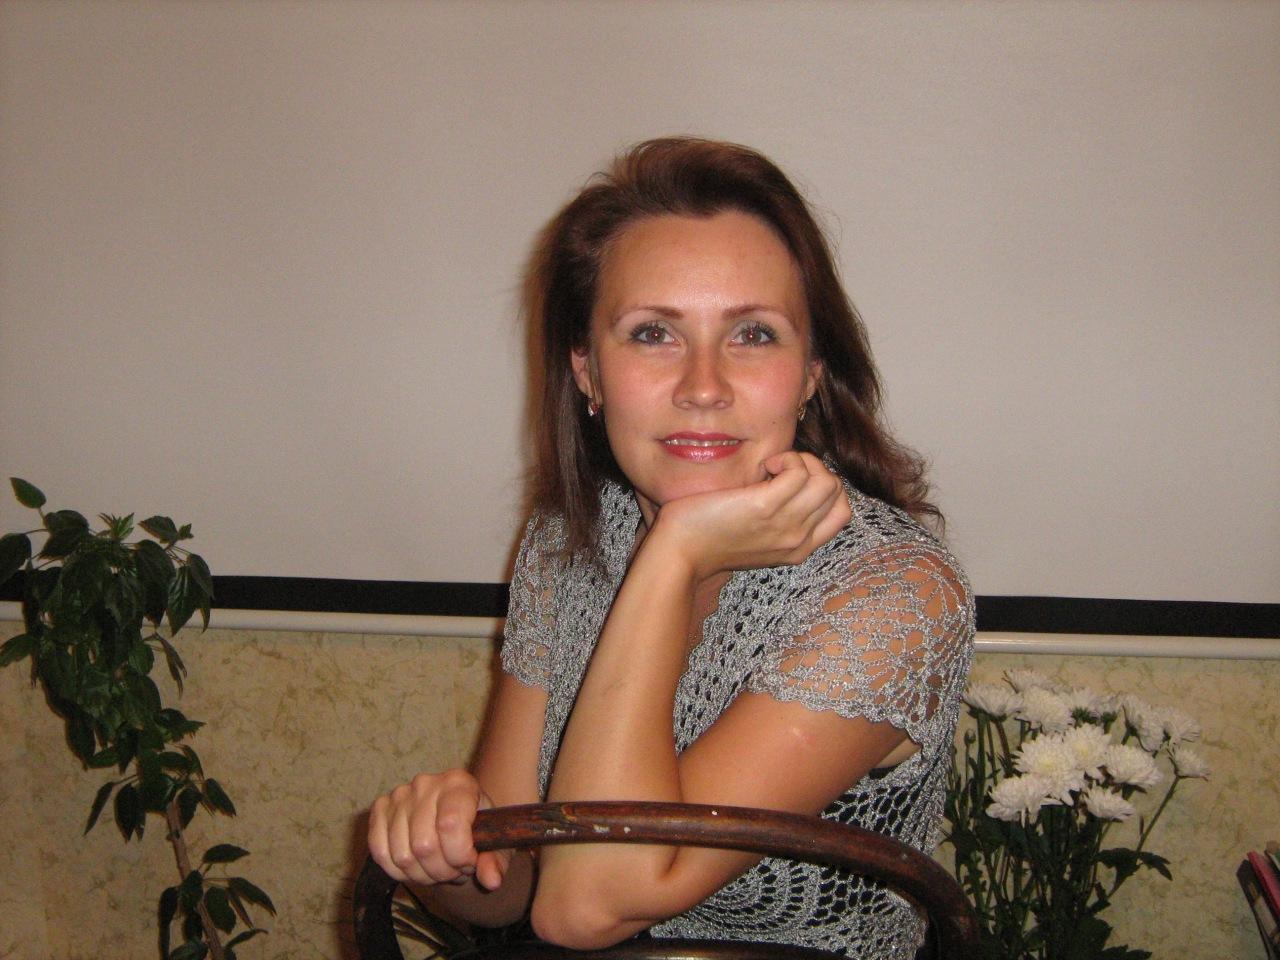 Елена Рогуленко, Красноярск - фото №1